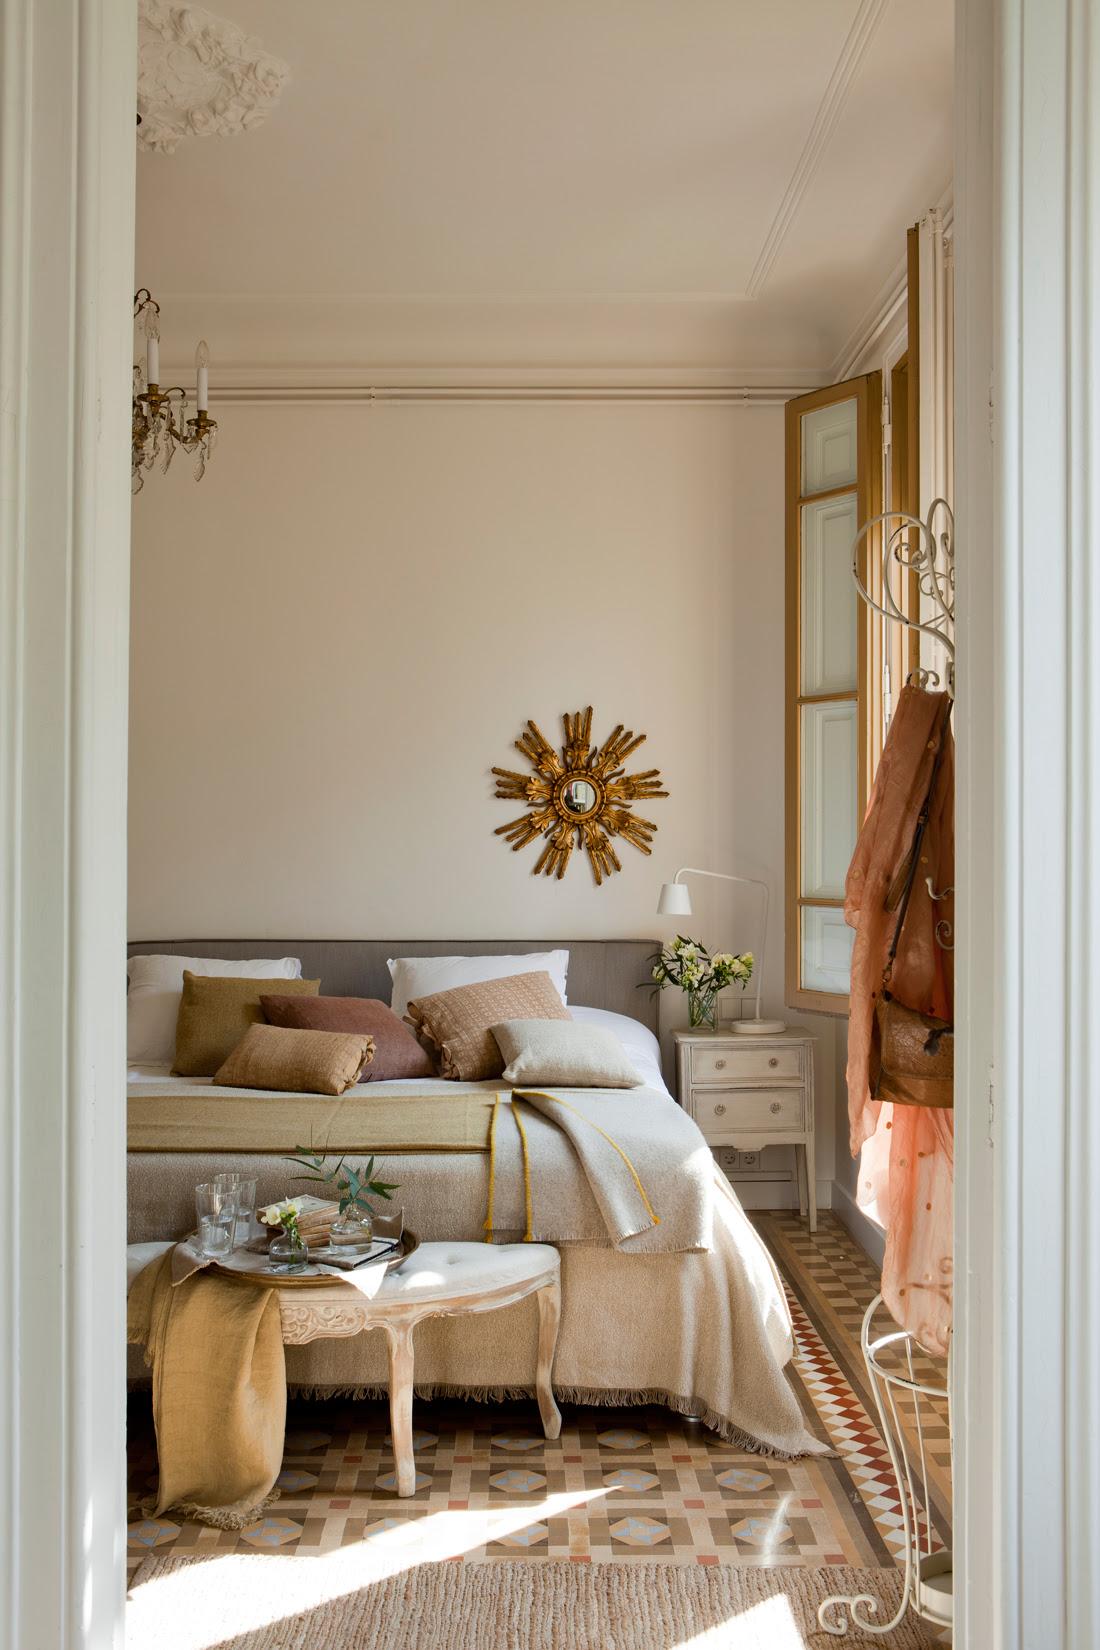 Dormitorio con espejo sol dorado, banqueta a pie de cama, suelo hidráulico y colgador de pie antiguo 00394837 O